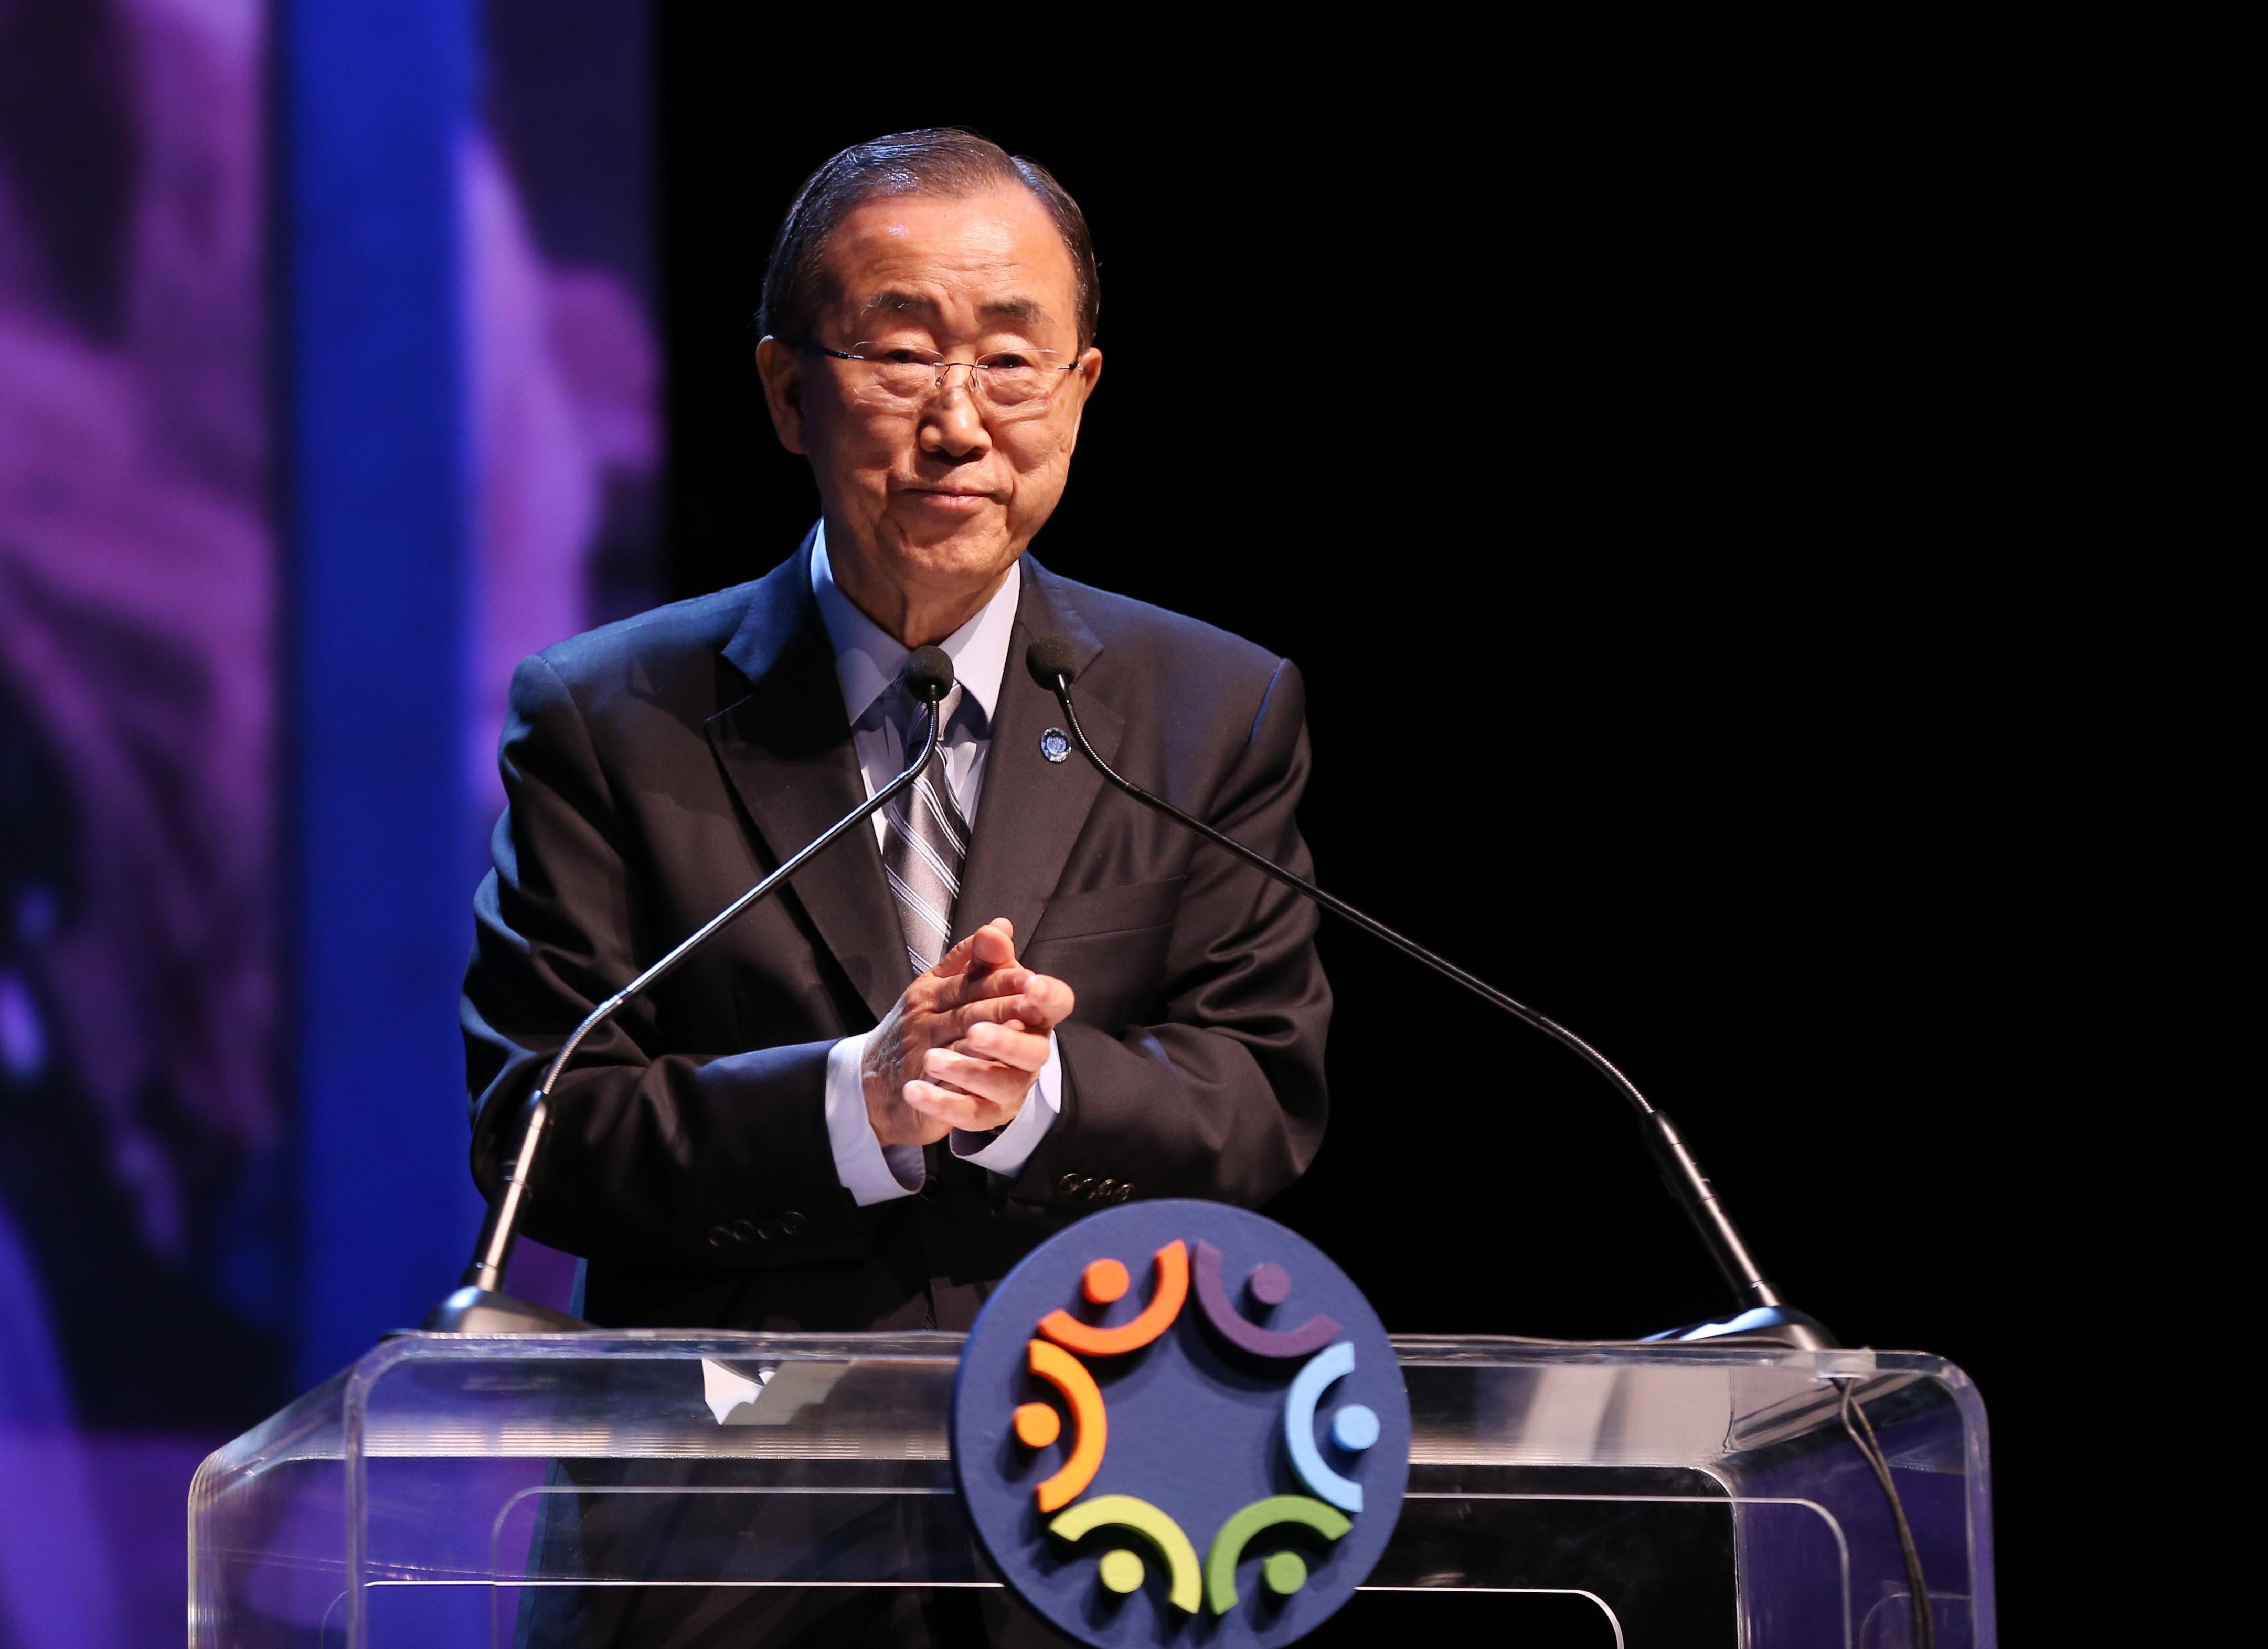 A Nemzetközi Olimpiai Bizottságban dolgozik tovább Ban Ki Mun